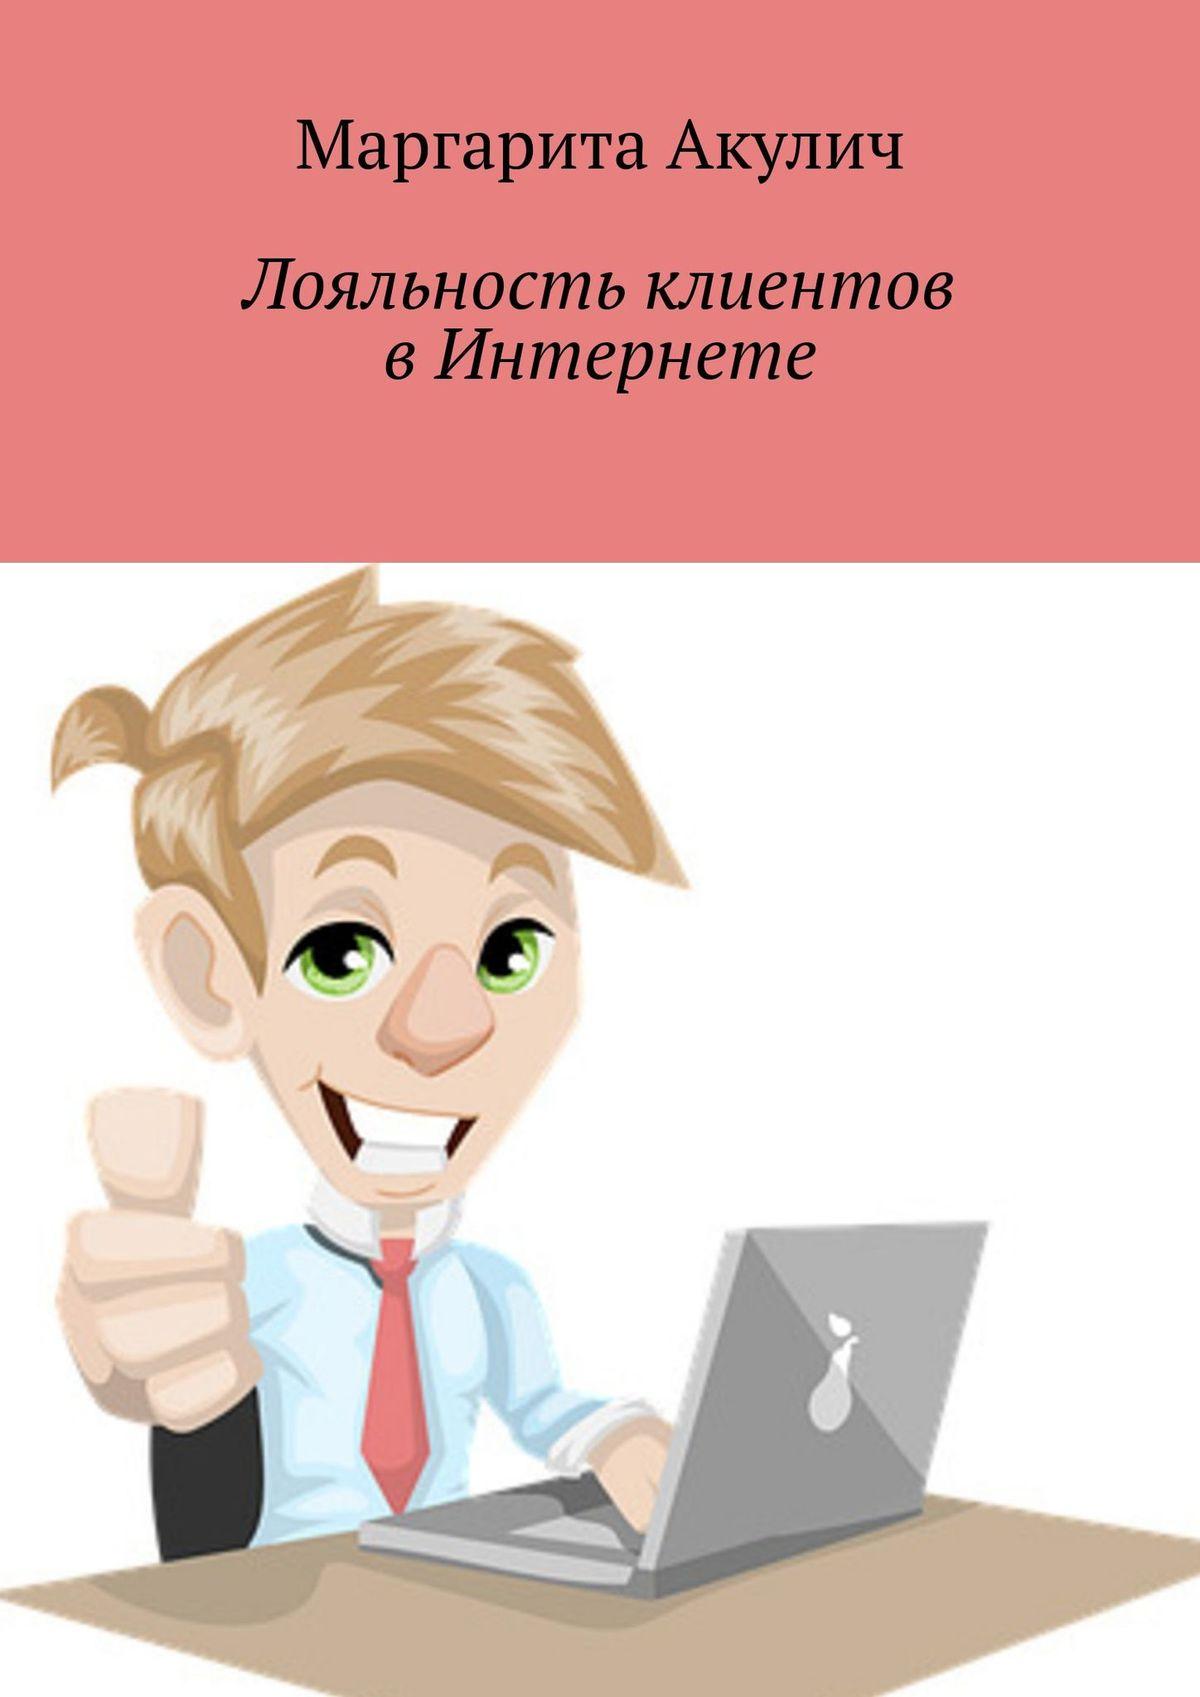 Лояльность клиентов вИнтернете. Направления и способы повышения, советы, примеры